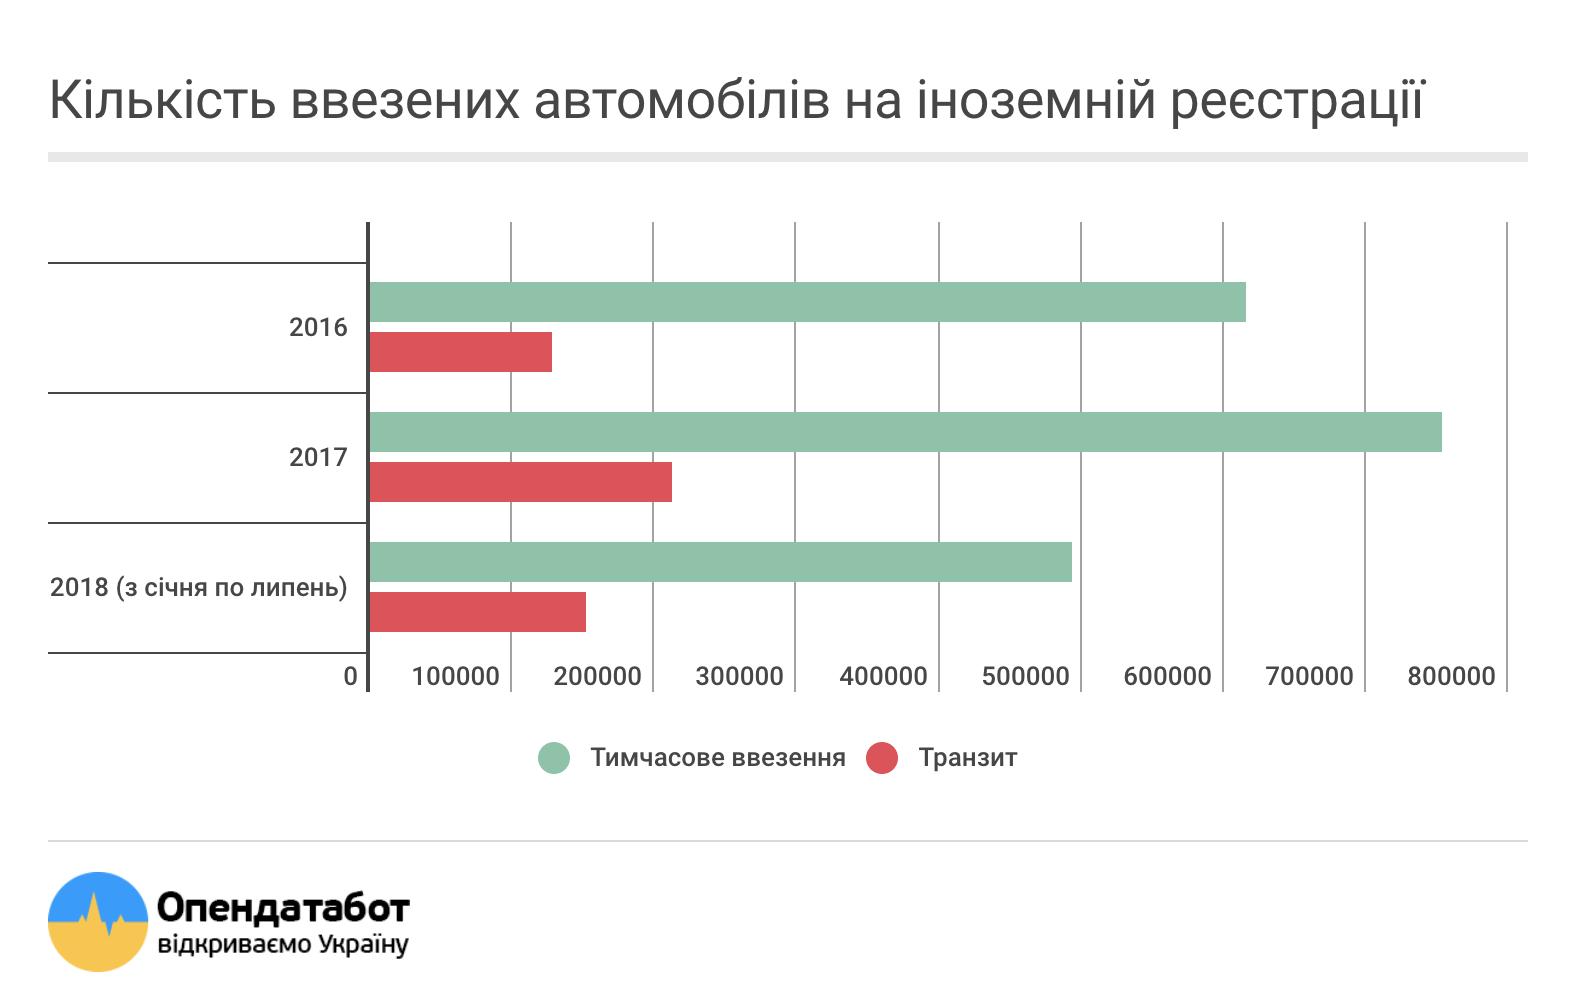 Кількість ввезених автомобілів на іноземній реєстрації